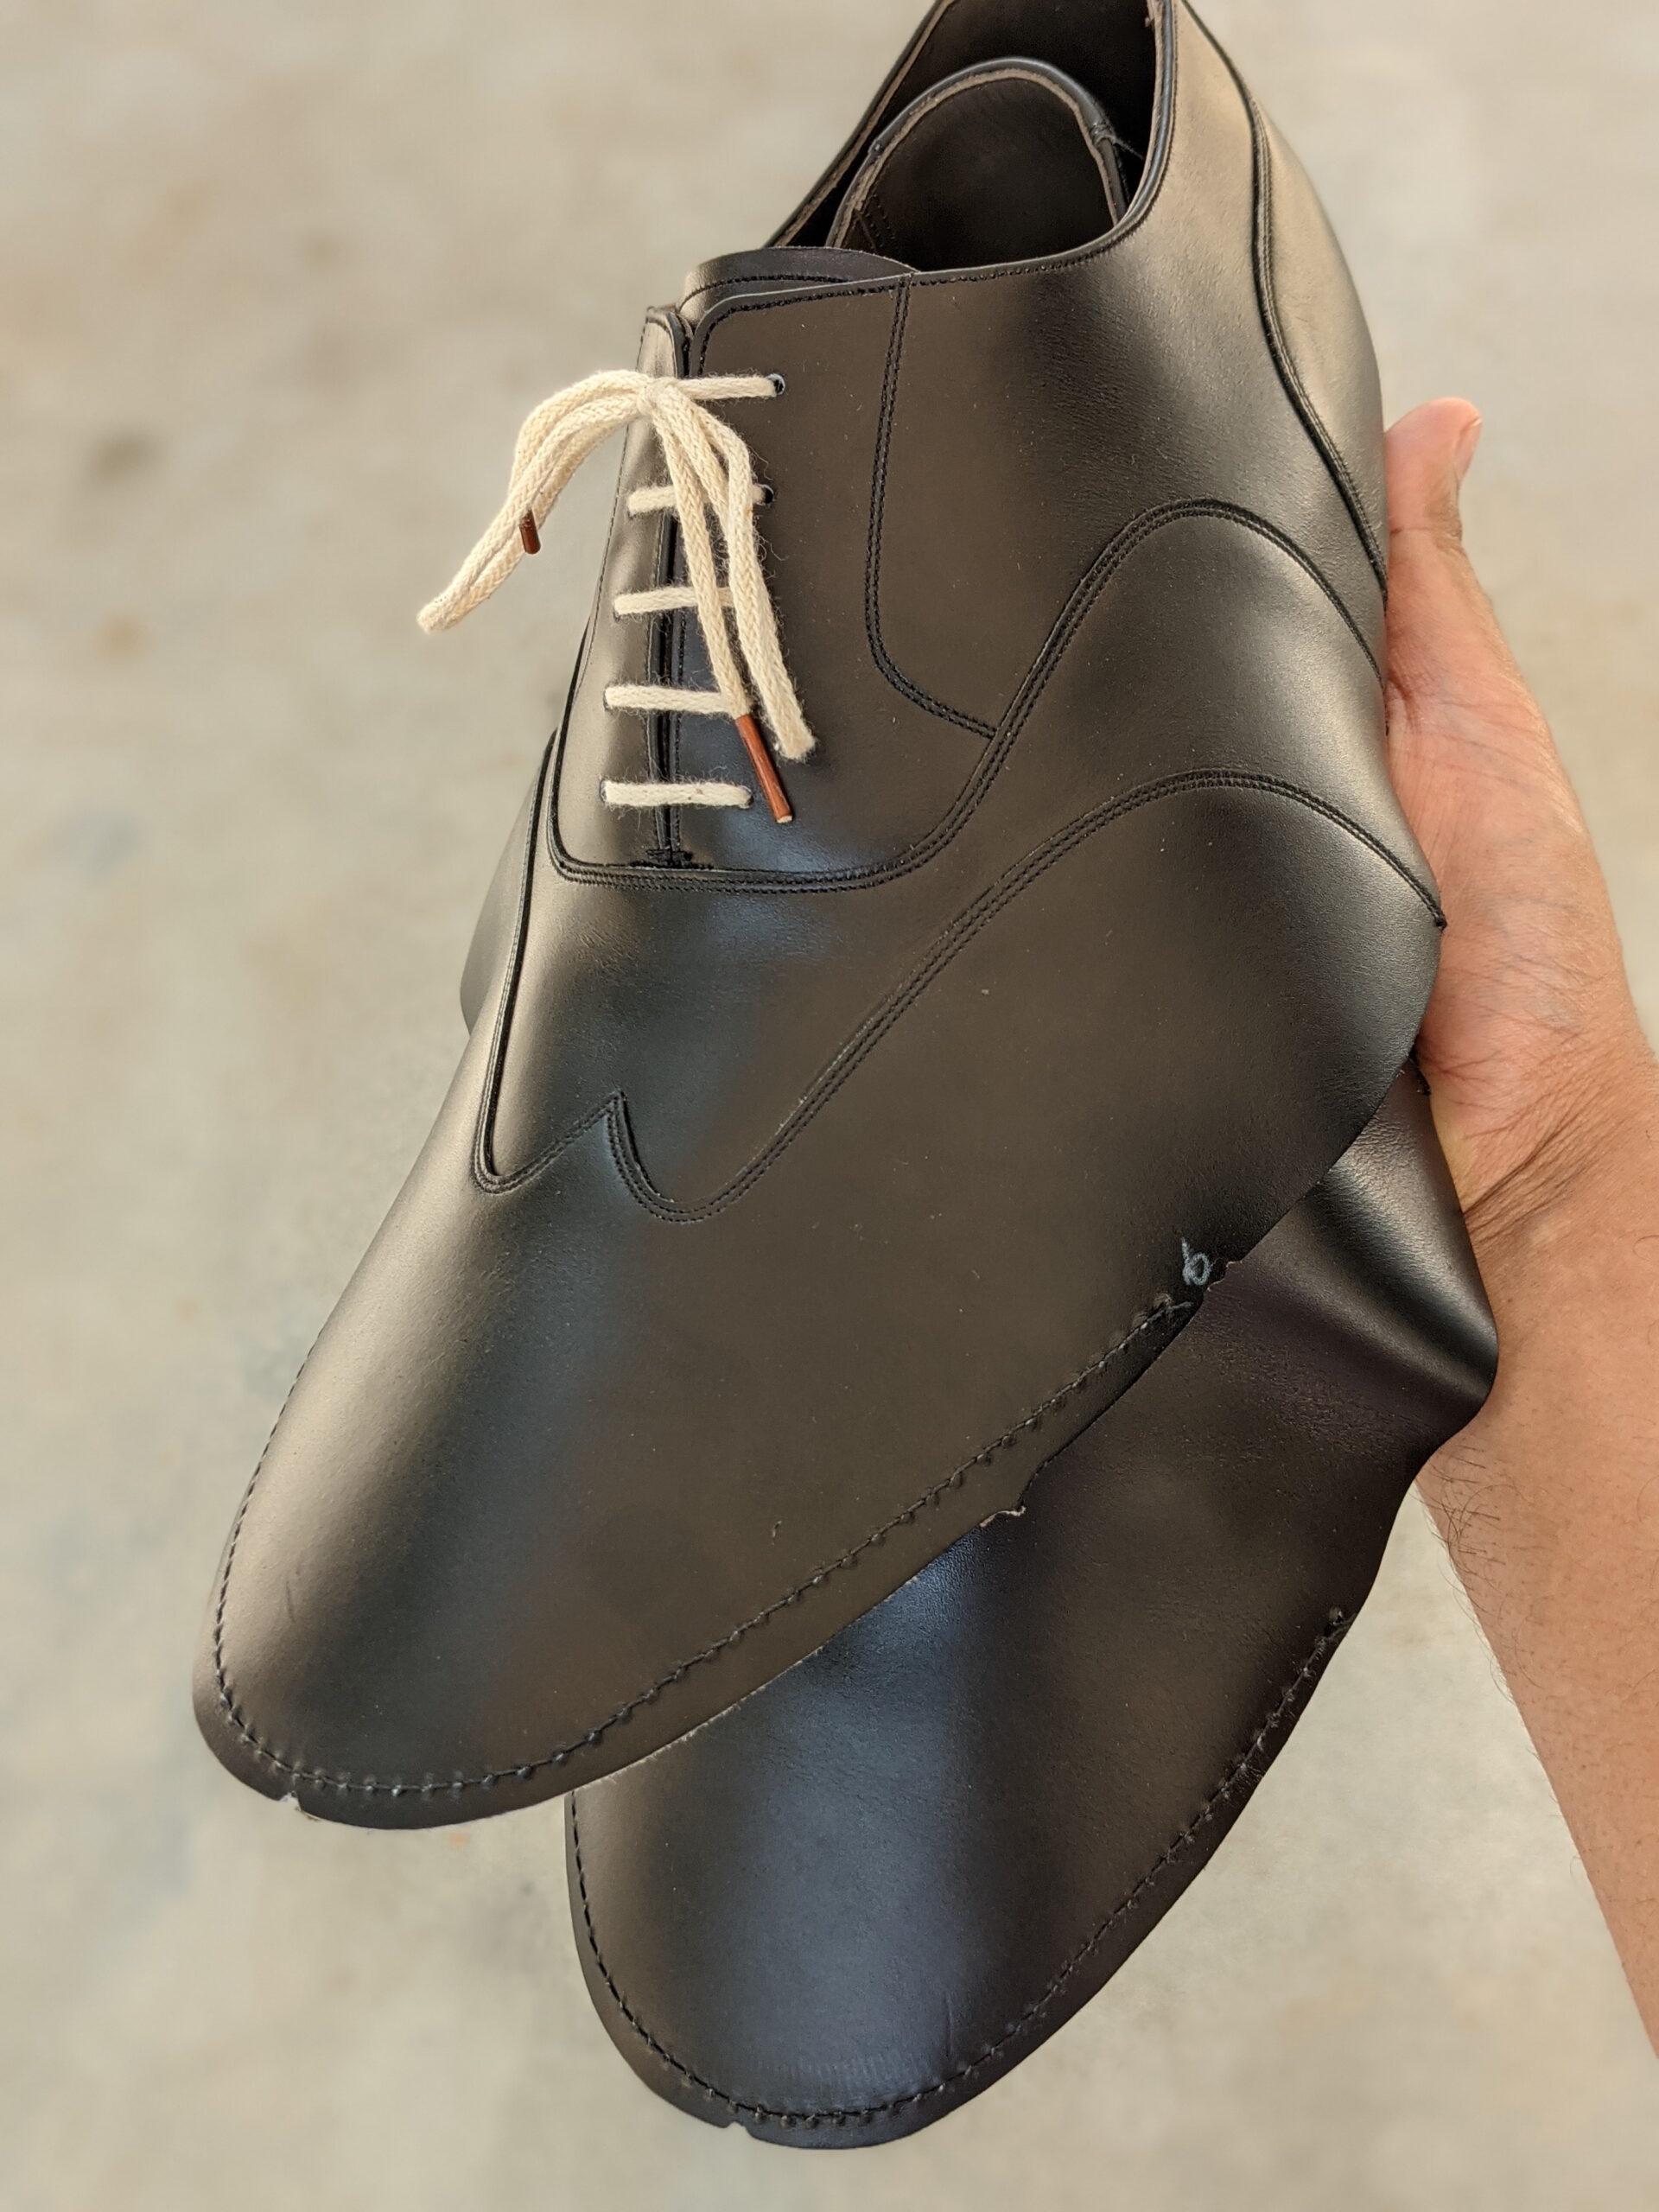 La tige de ma paire avant le montage. Le cuir est propre et n'a pas encore reçu la moindre couche de finition. (Source: Bridlen)